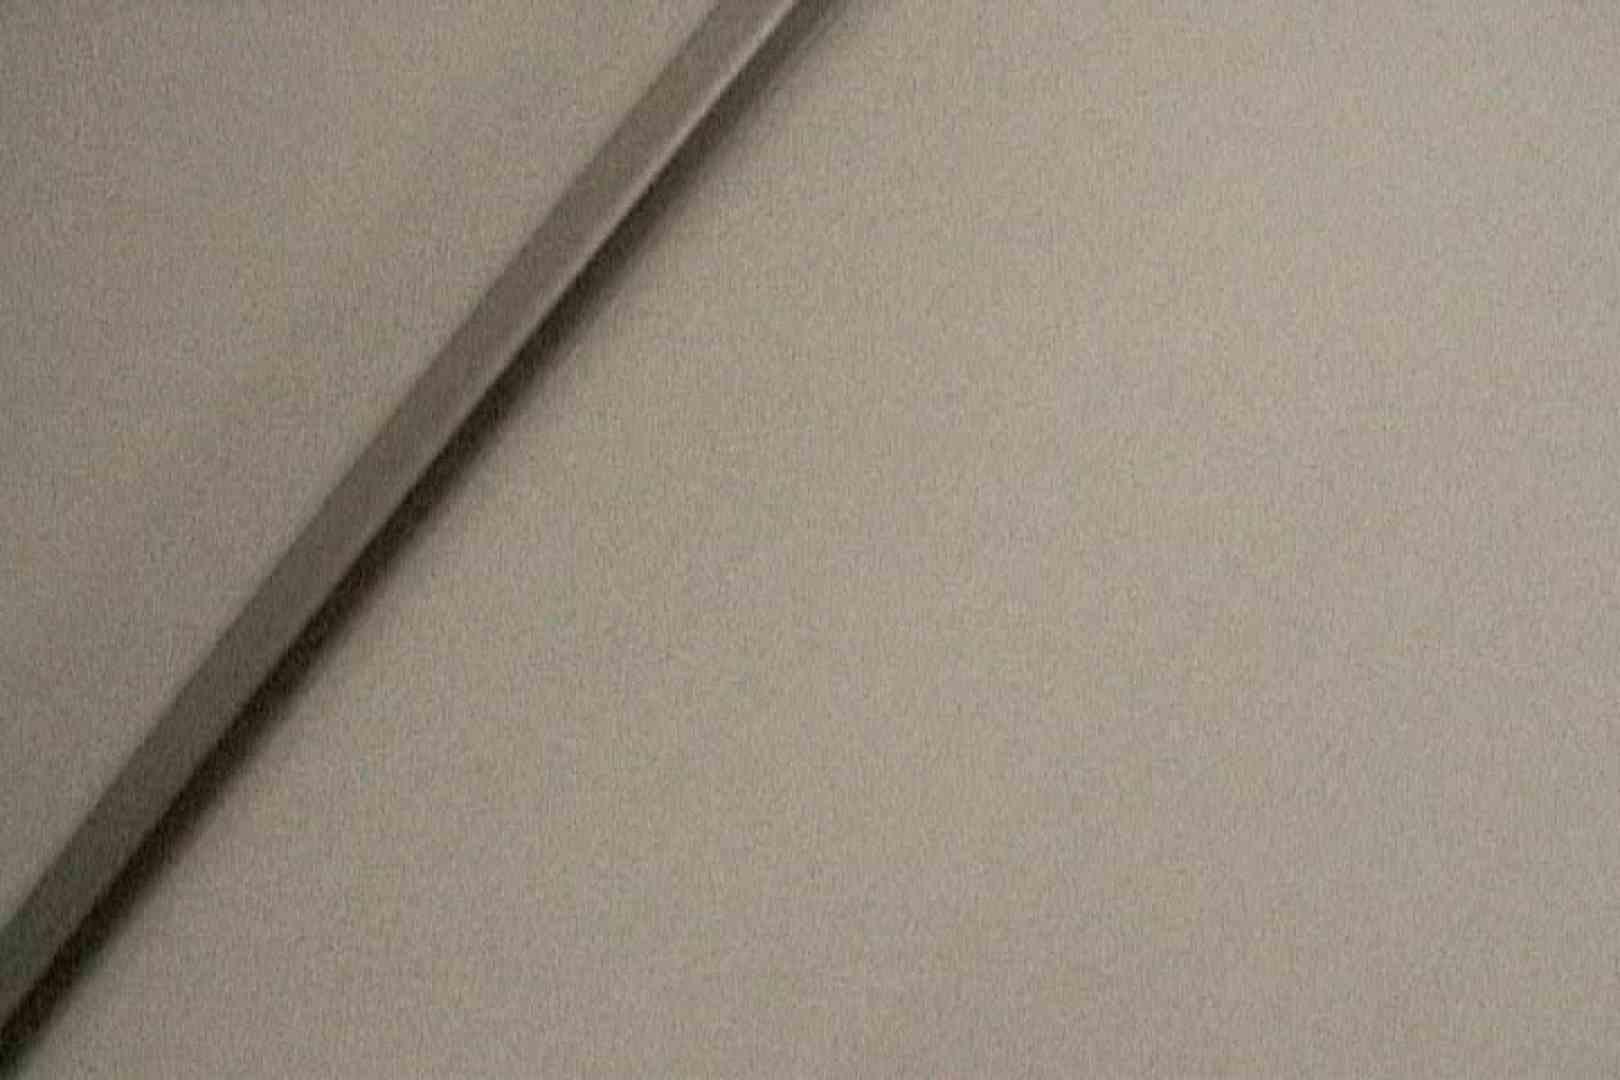 ※100個限定販売 カリスマ撮師 pepeさんの軌跡!Vol.1 盛合せ  60PIX 12